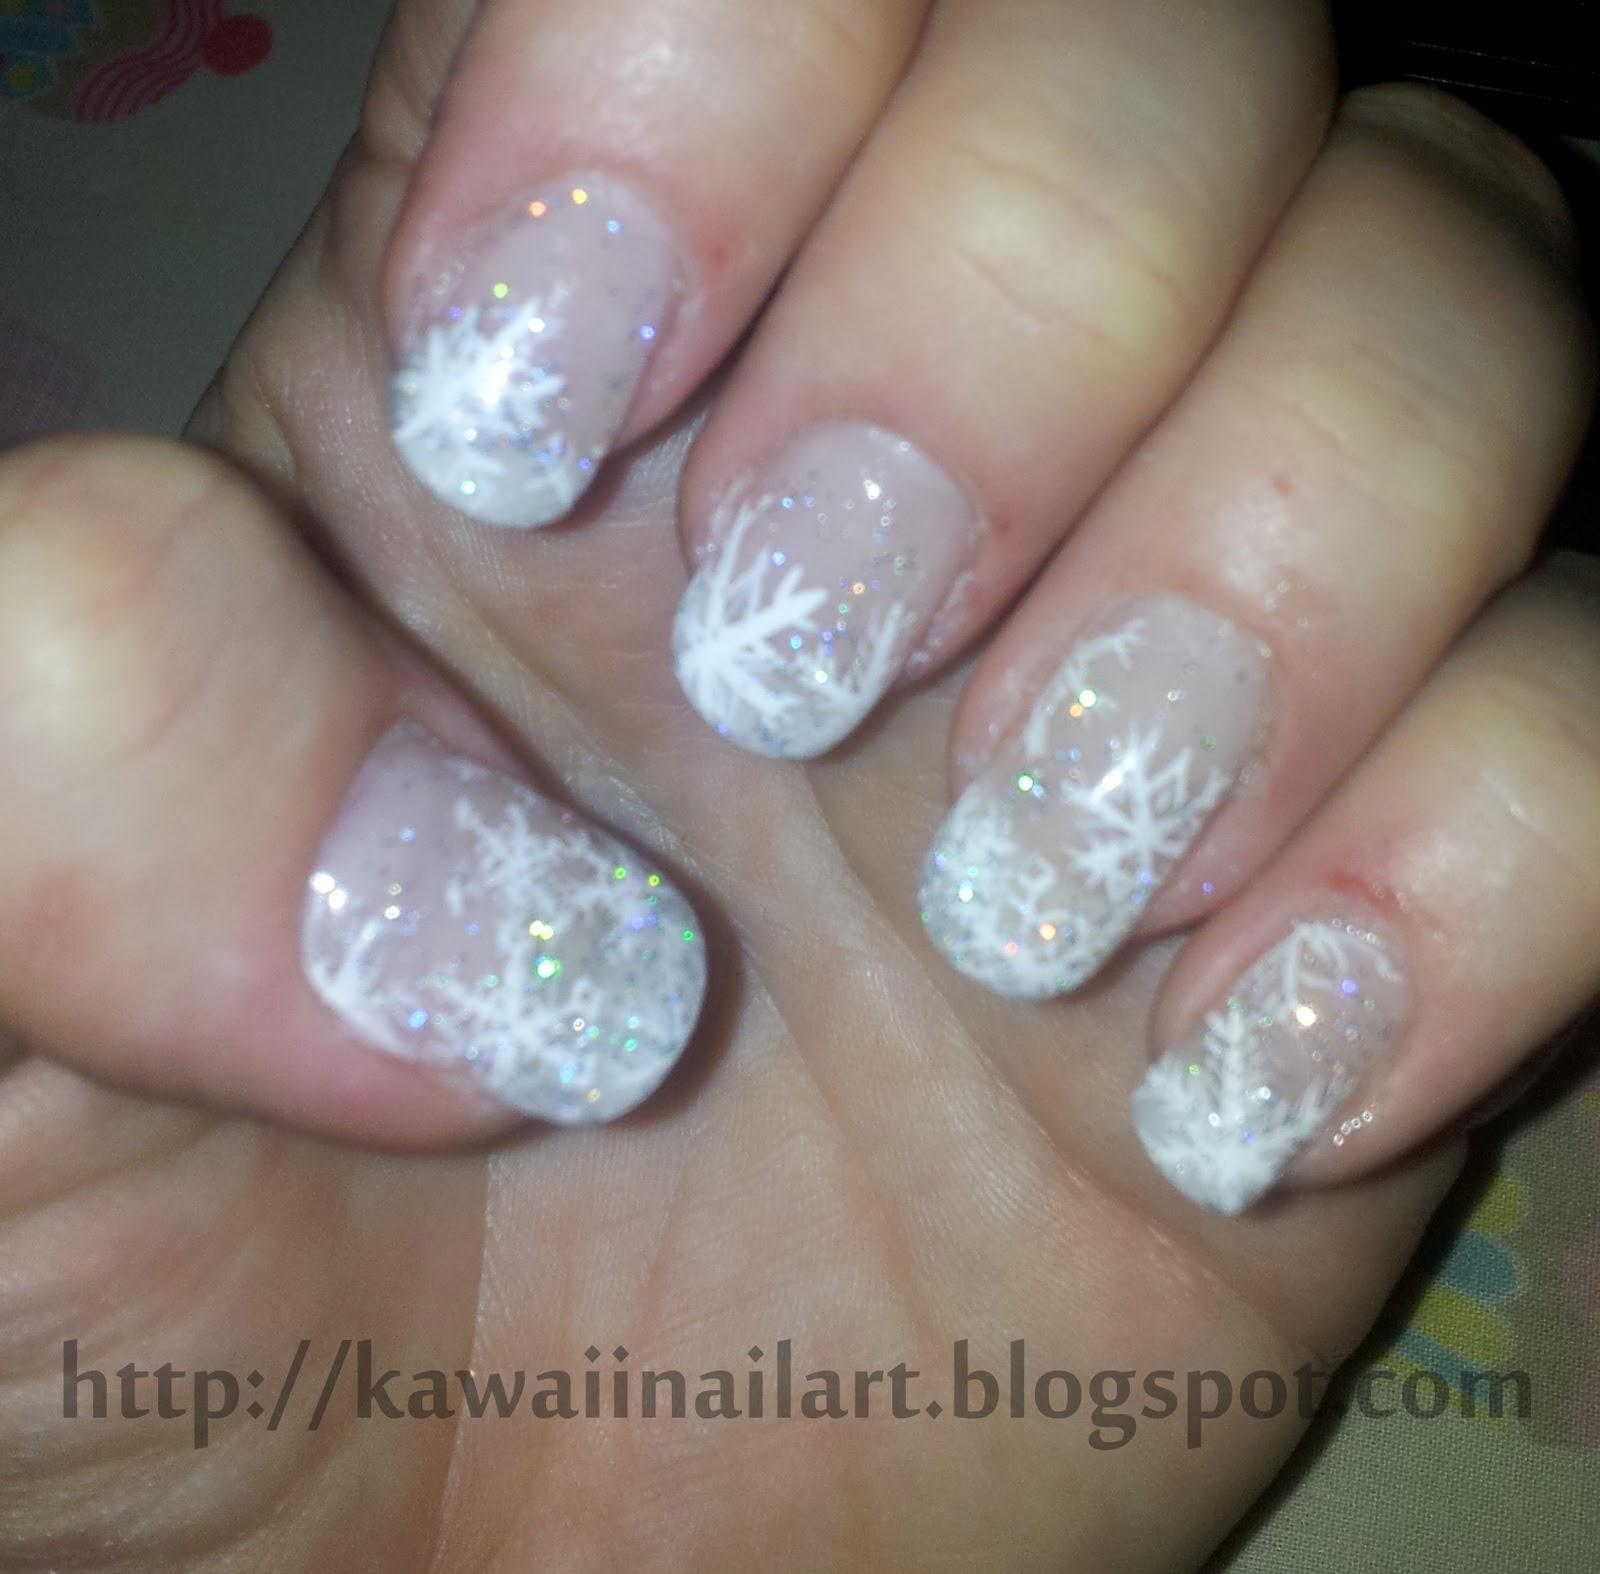 Kawaii Nail Art: Snowflake nail art